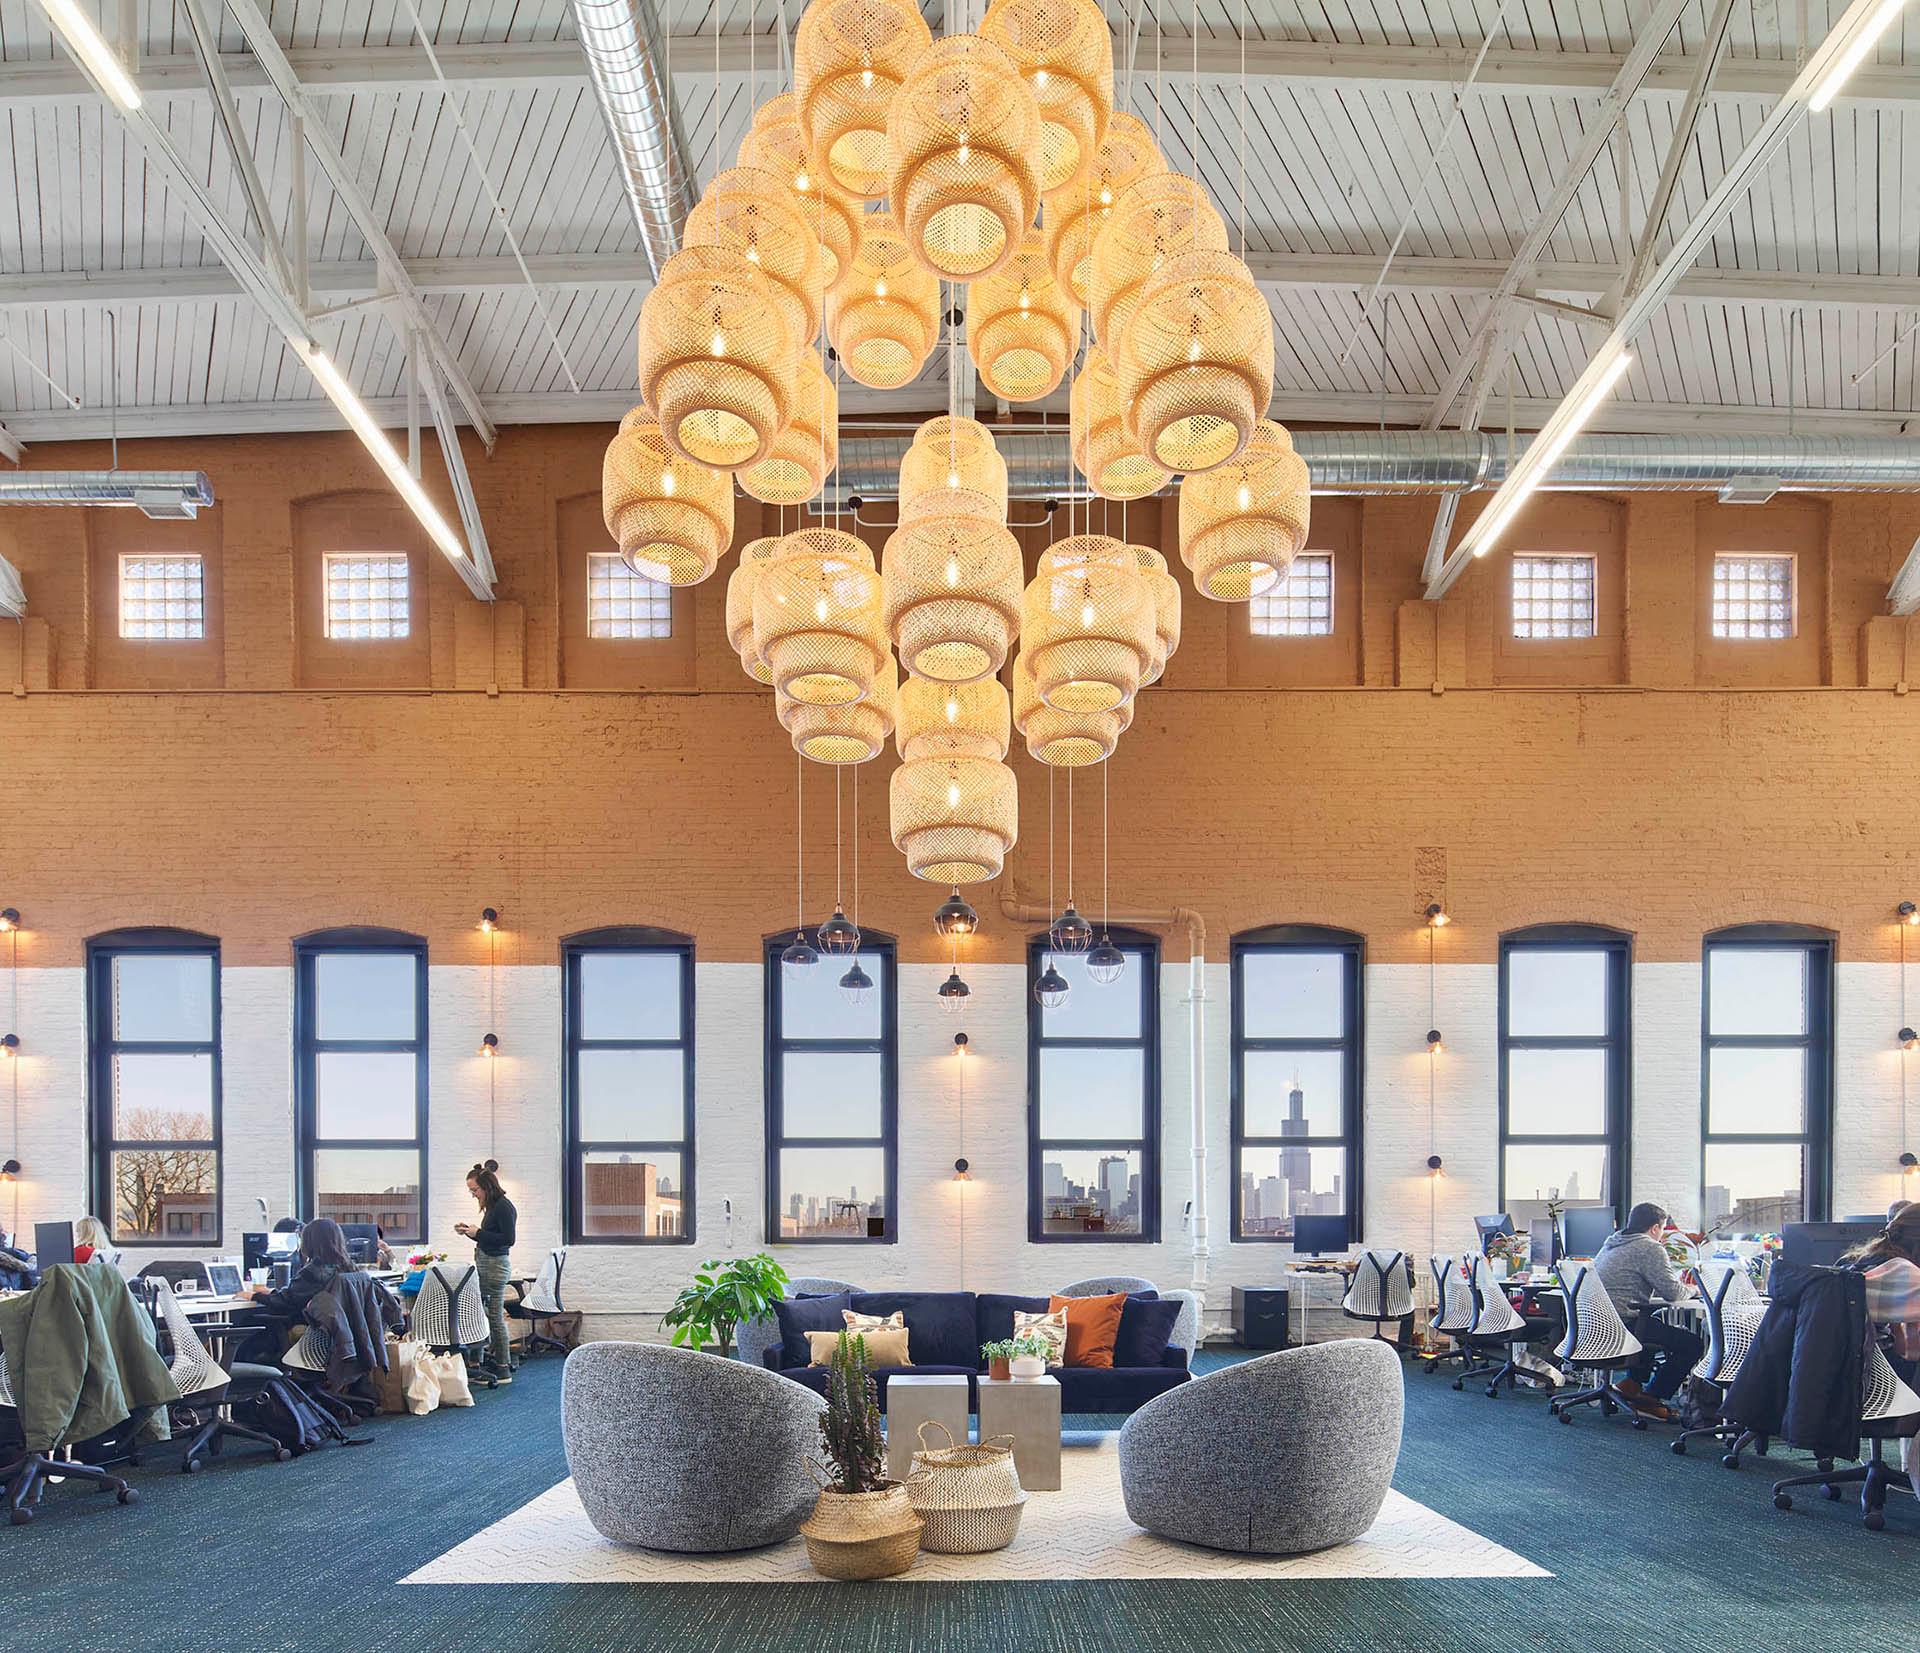 Custom Inexpensive Lighting in Farmer's Fridge Start-Up Office   Kuchar